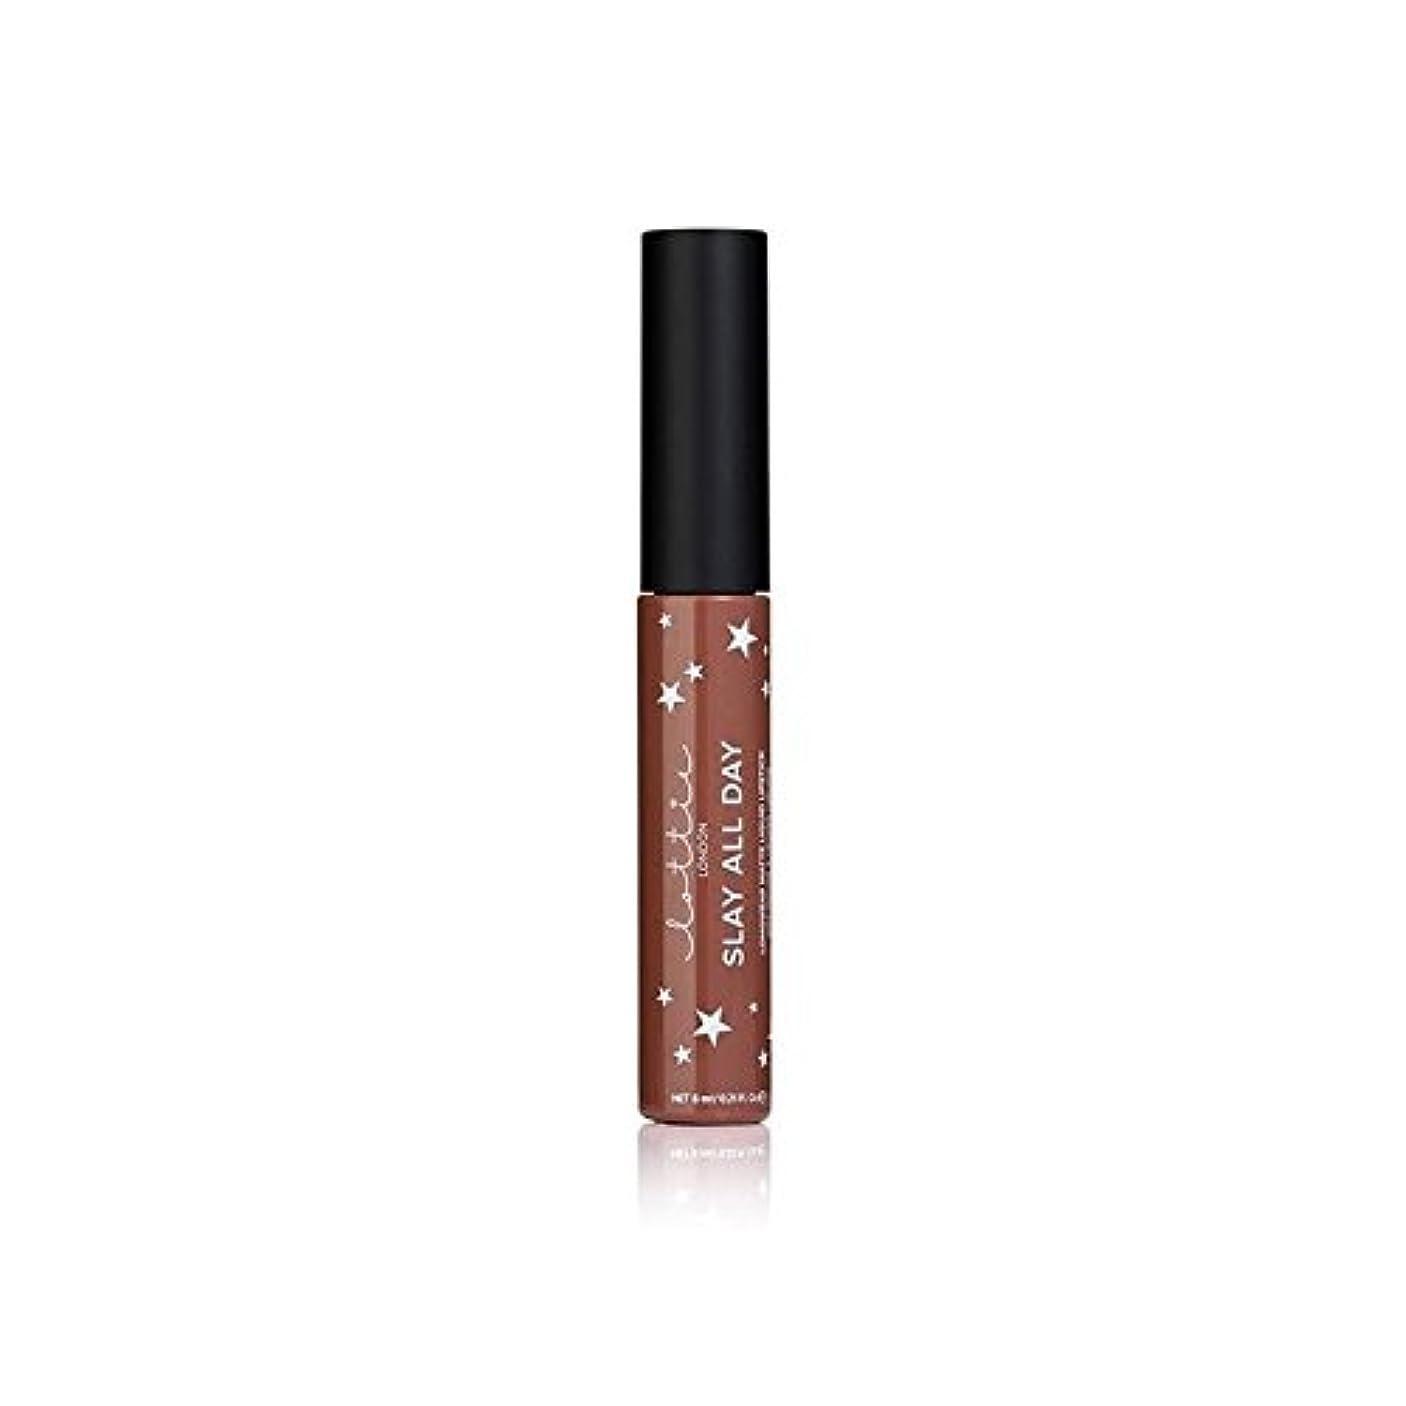 日常的にソビエトロケーションLottie London Matte Liquid Lipstick - Hey Bae - ロンドンマット液状口紅 - ちょっとペ [並行輸入品]